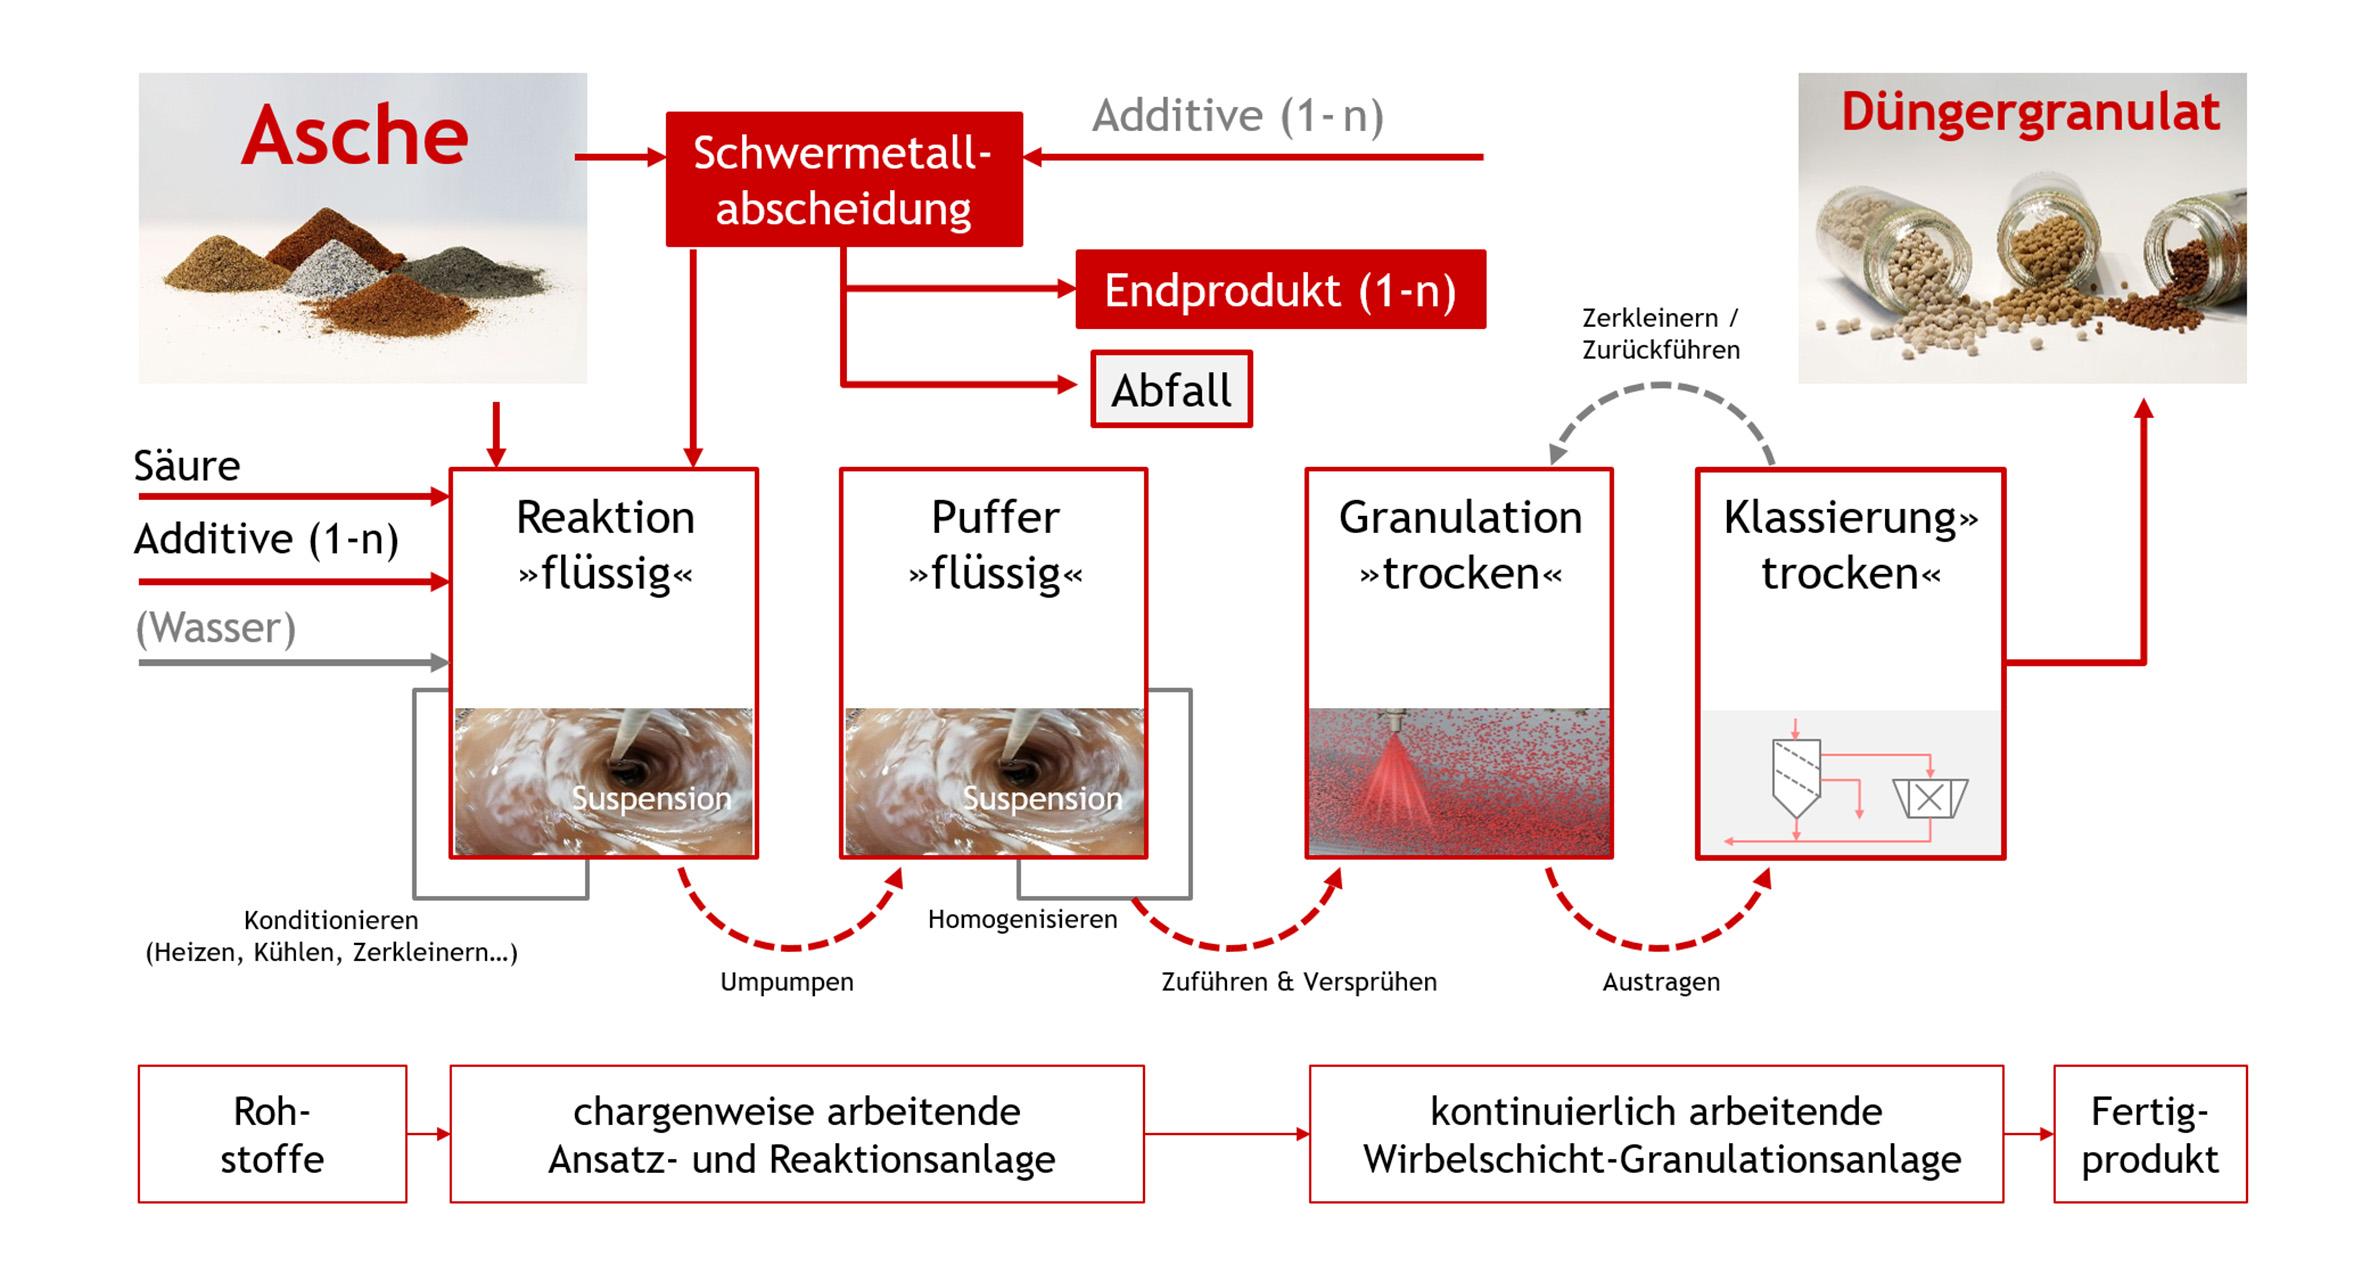 Glatt PHOS4green-Prinzip des Phosphor-Recycling aus Asche und Umwandlung in Düngemittelgranulat